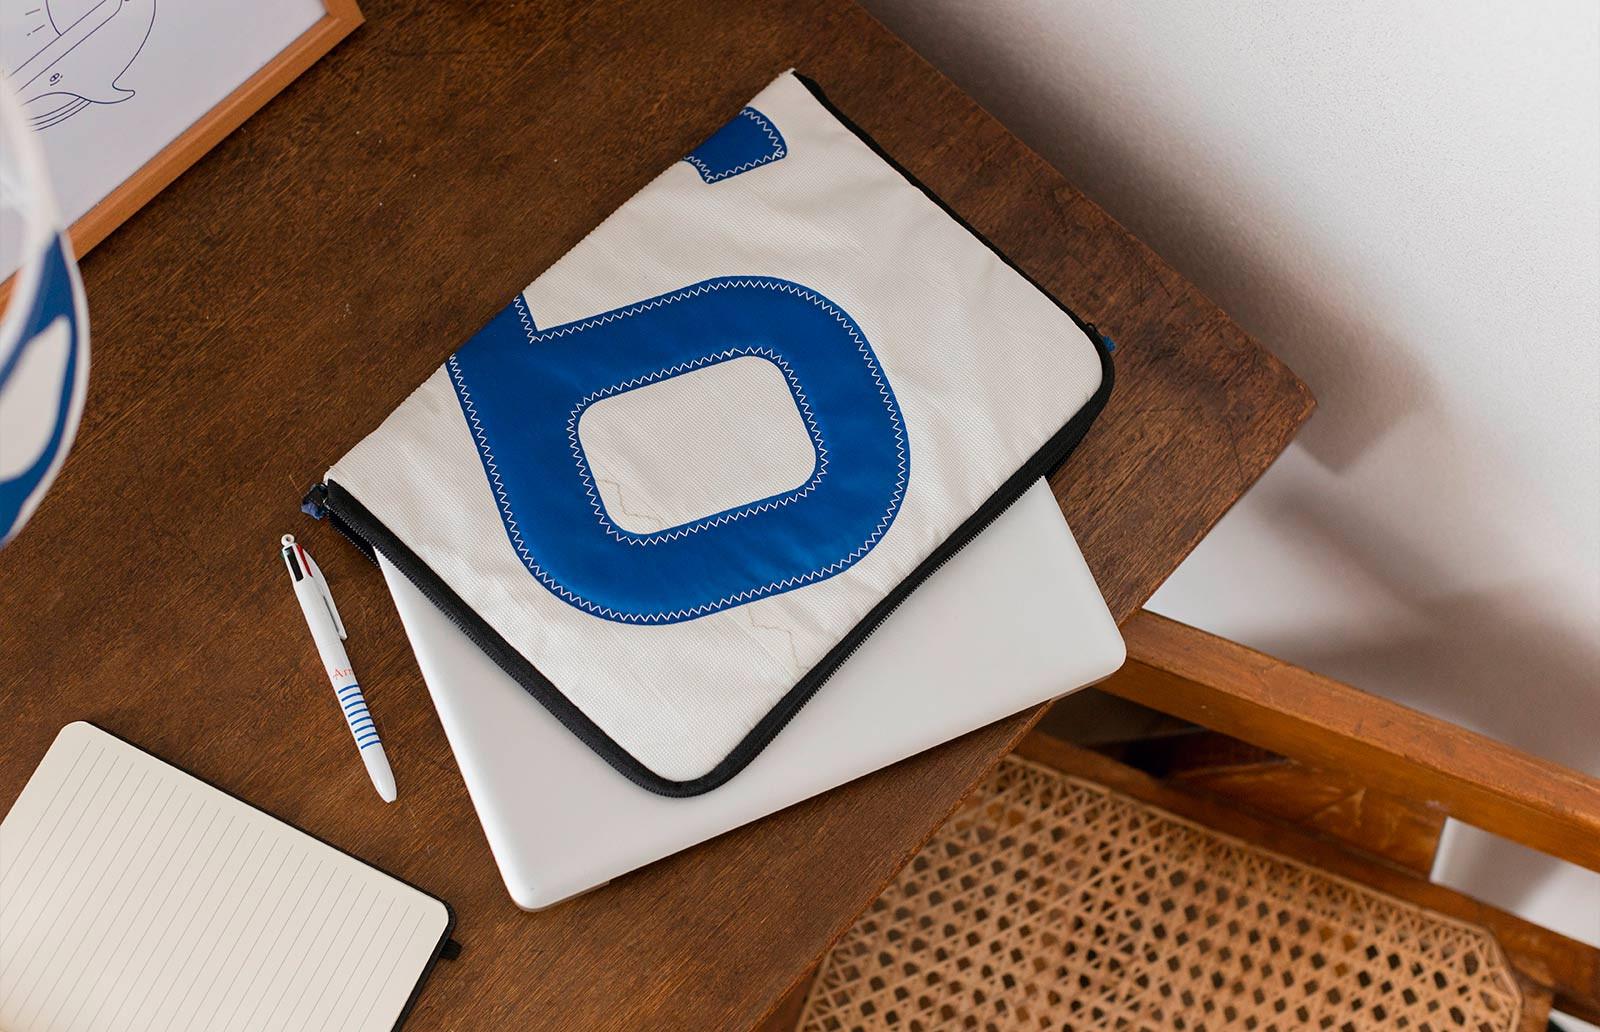 Hüllen für Laptops, Tablets und iPads aus recyceltem Segeltuch